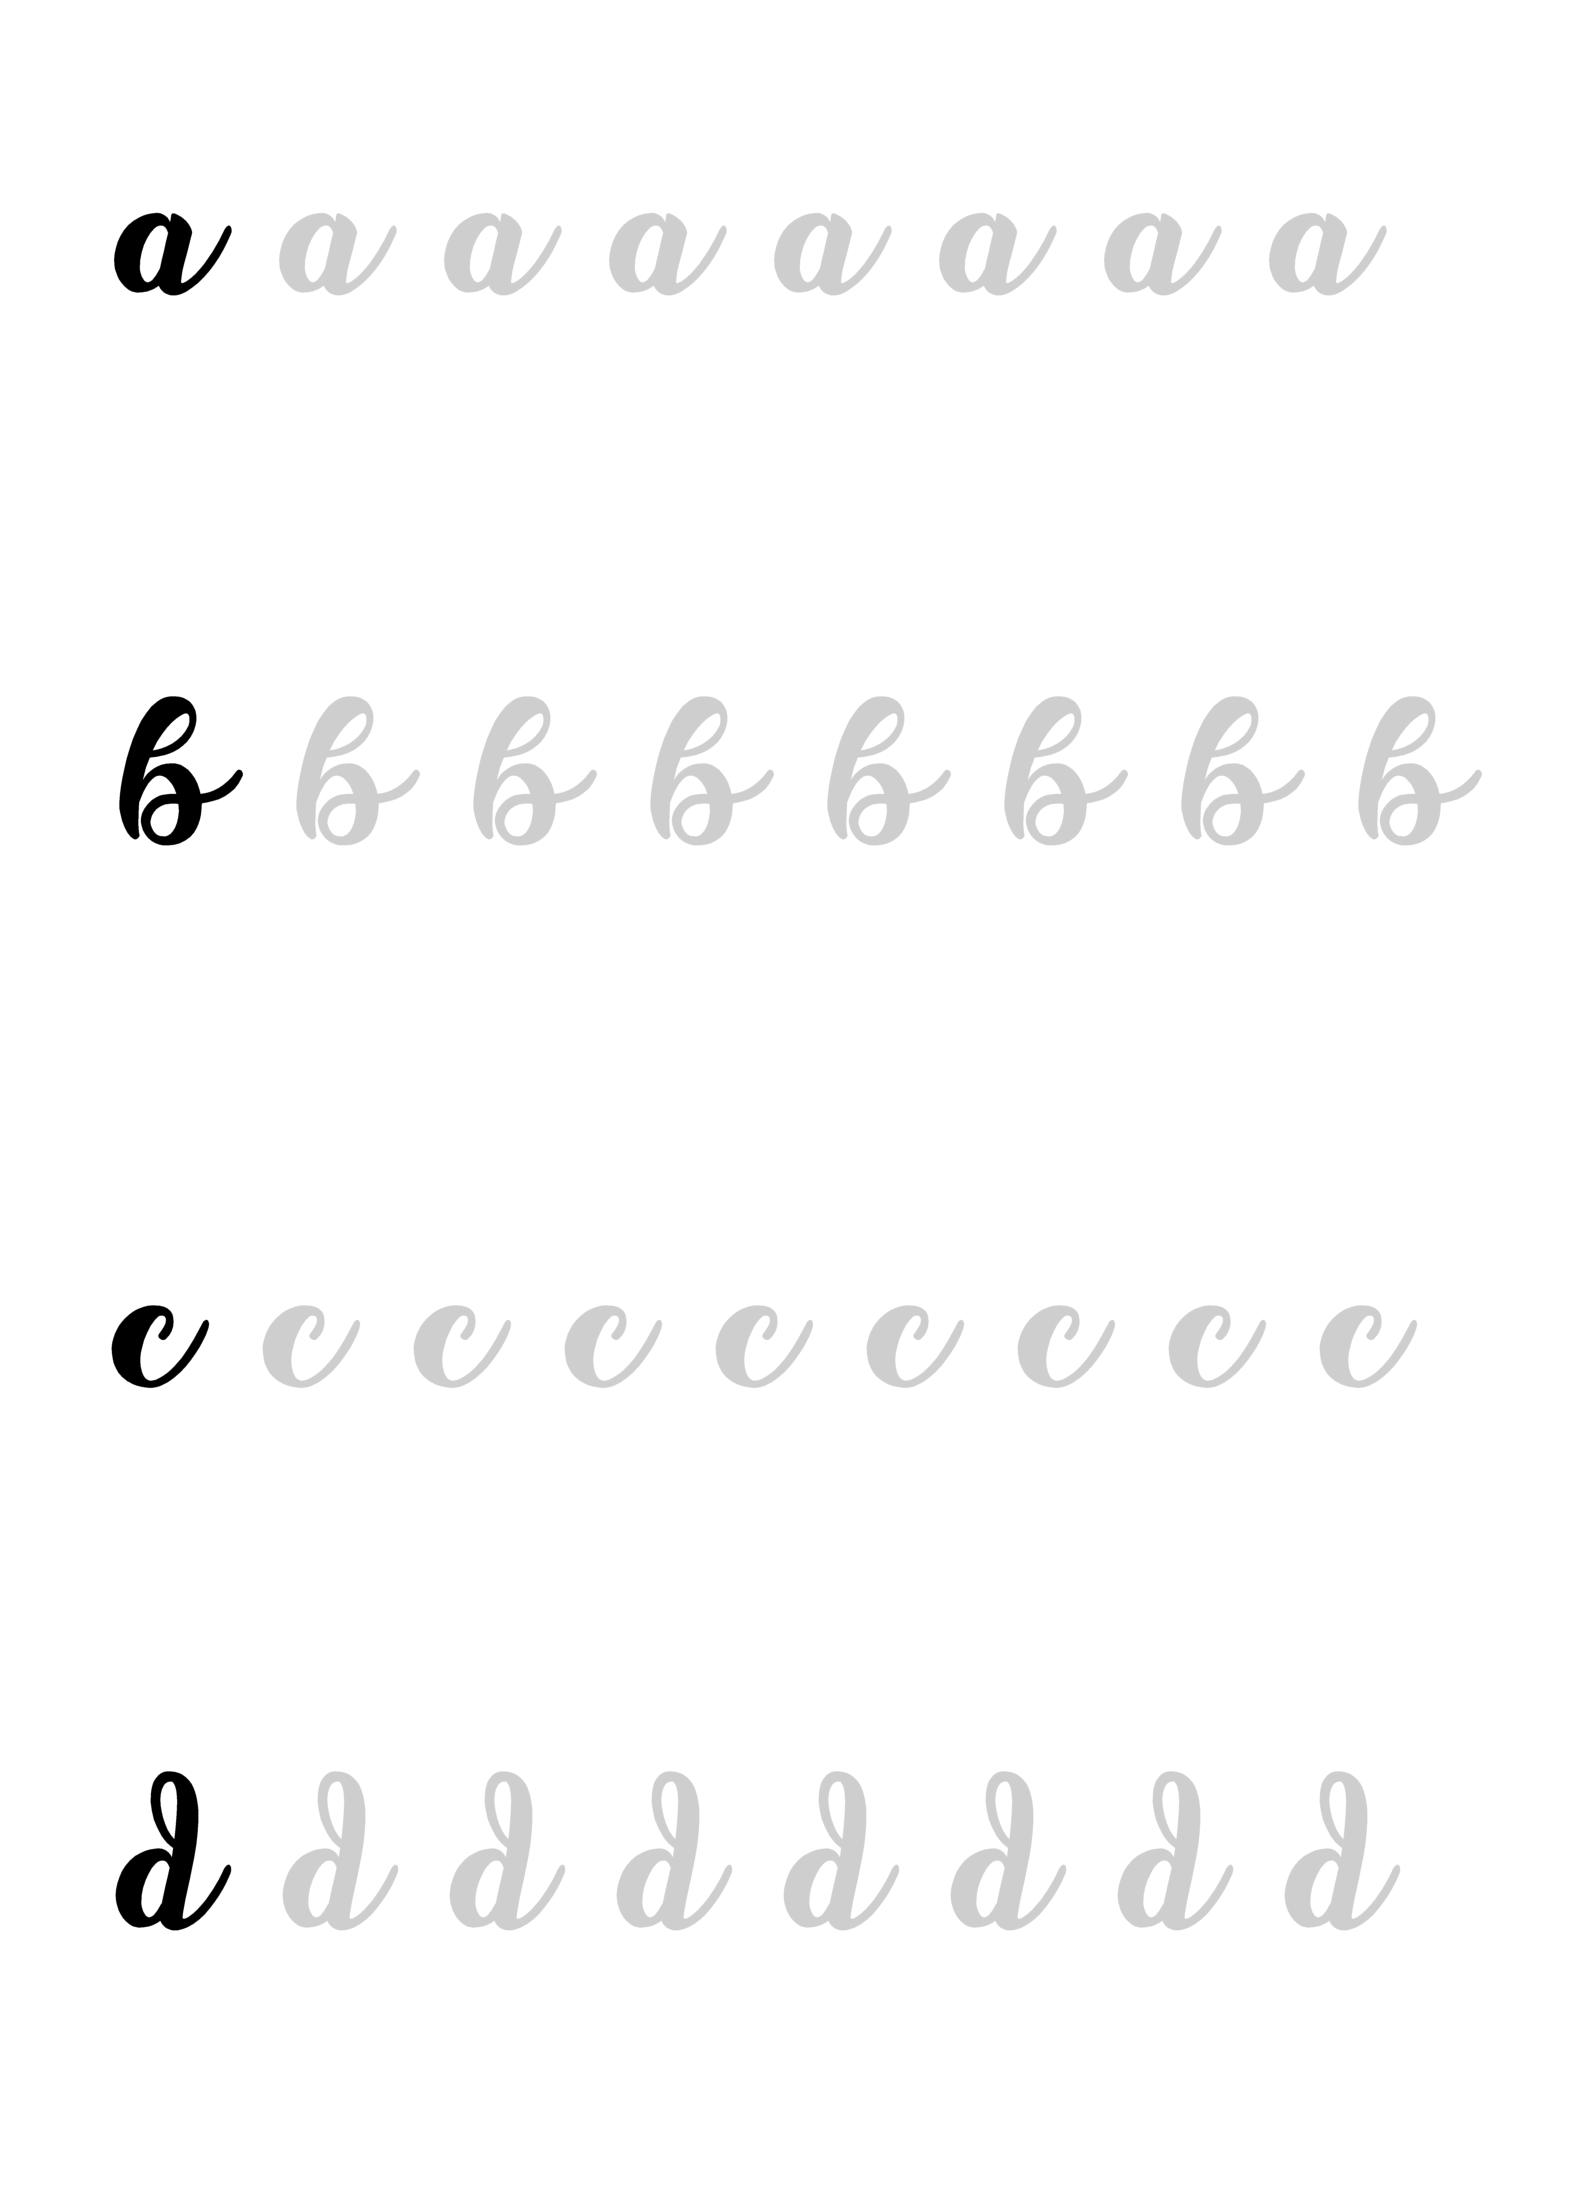 feuille exercices calligraphie réalisée par Caroline